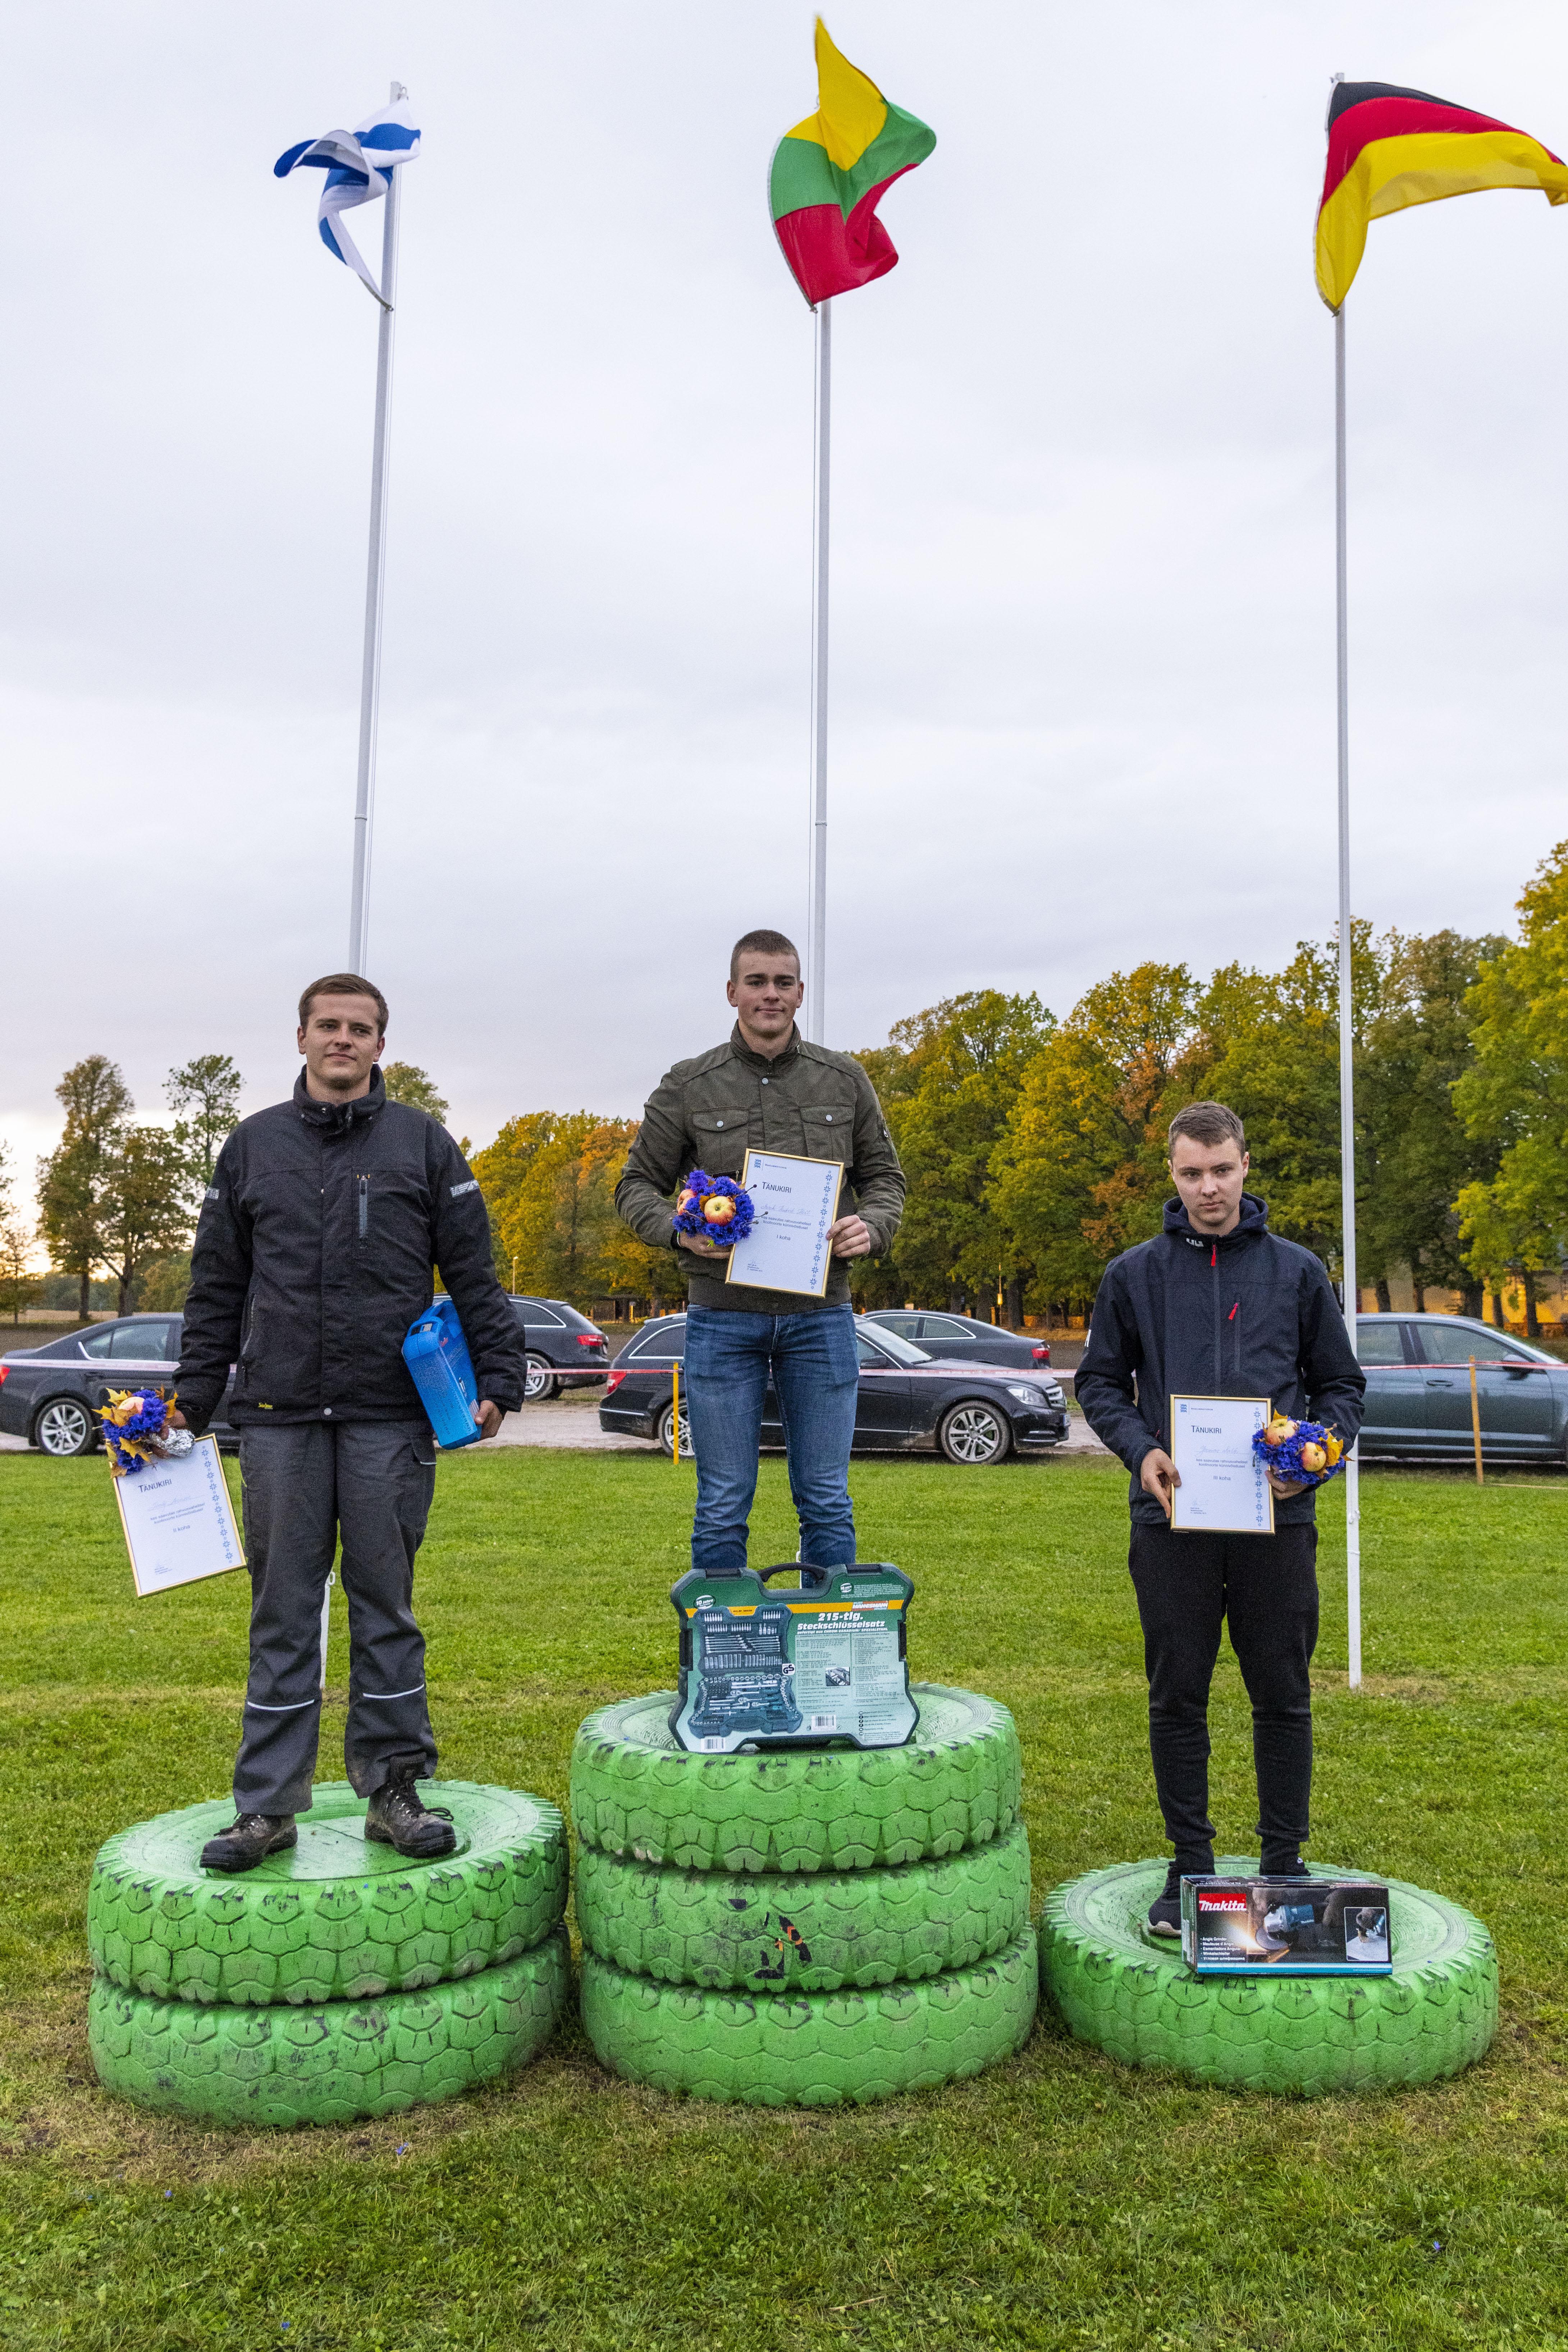 Künnivõistluse üldarvestuse esikolmik: võitja, Olustvere TMK vilistlane Mark-Hubert Heil, teisel kohal Järvamaa Kutsehariduskeskuse õpilane Ralf Menne ning kolmandal kohal Olustvere TMK õpilane JoonasValk.